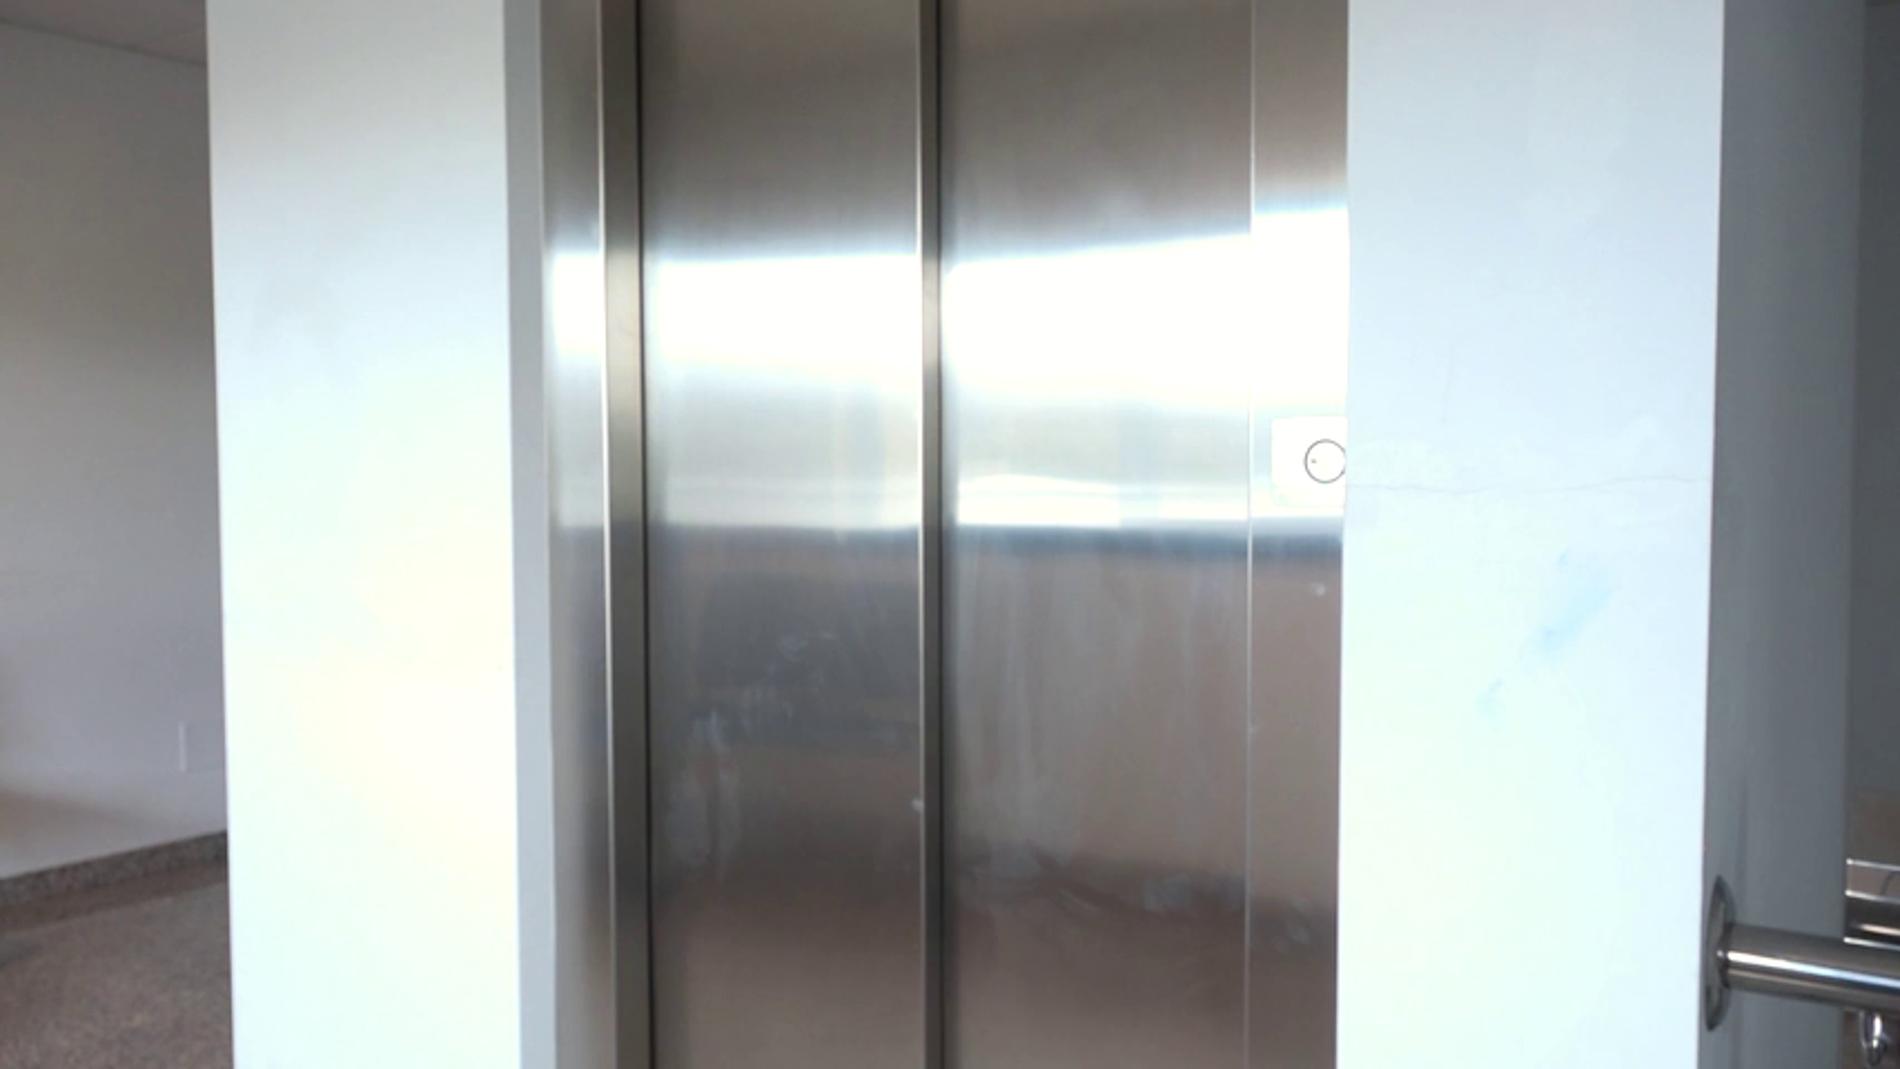 Caída libre en ascensor: así puedes aumentar las probabilidades de sobrevivir